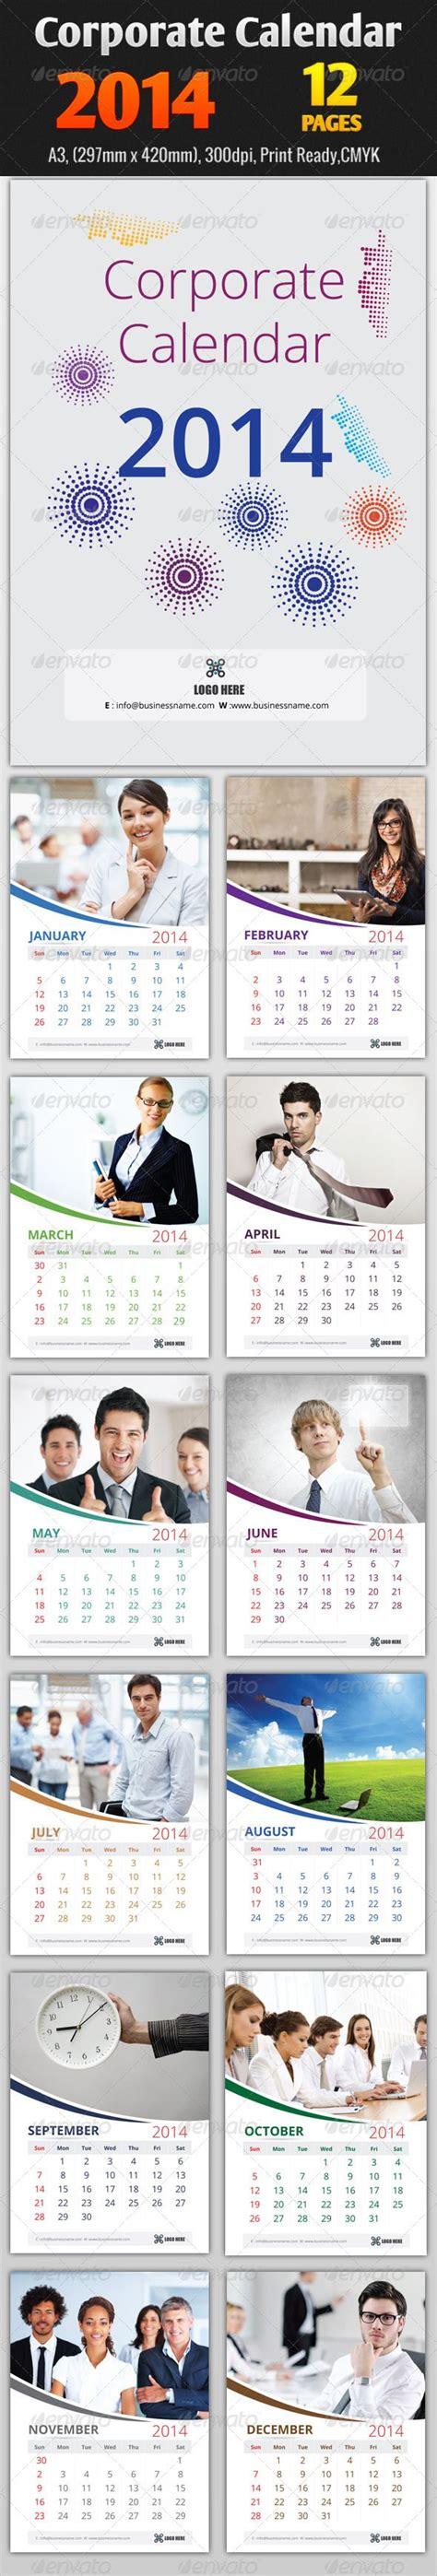 Corporate Calendar Template